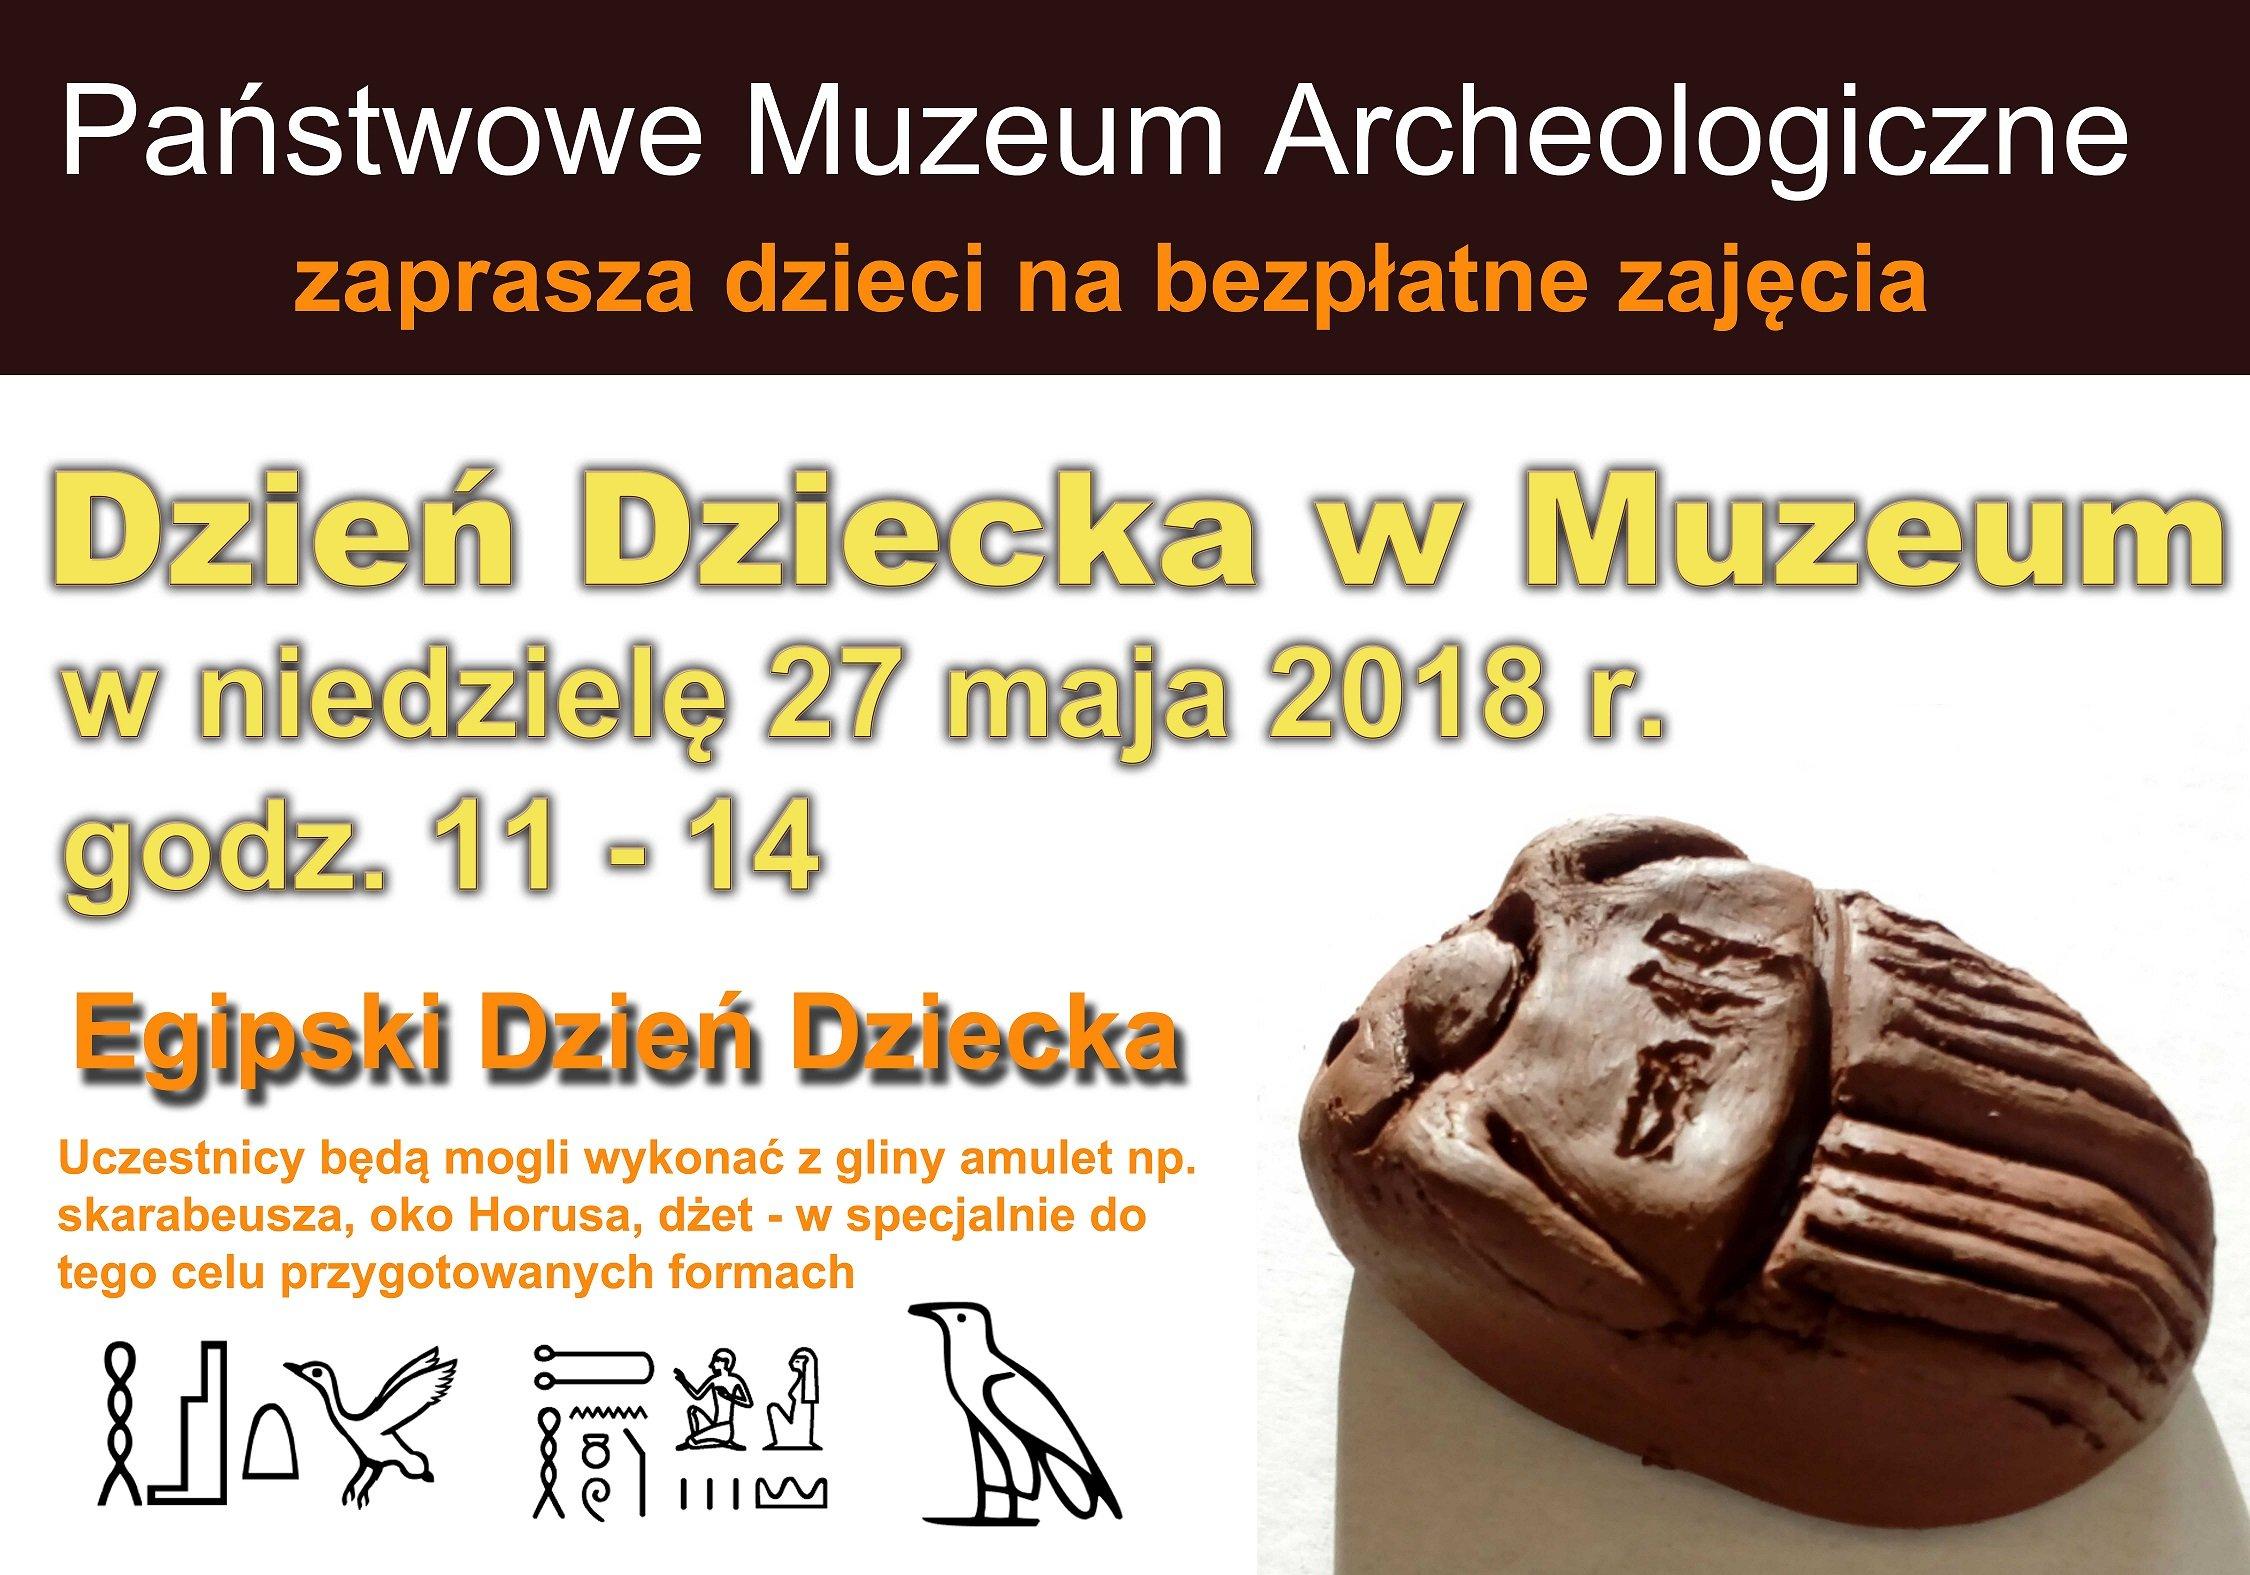 Dzień Dziecka w Państwowym Muzeum Archeologicznym